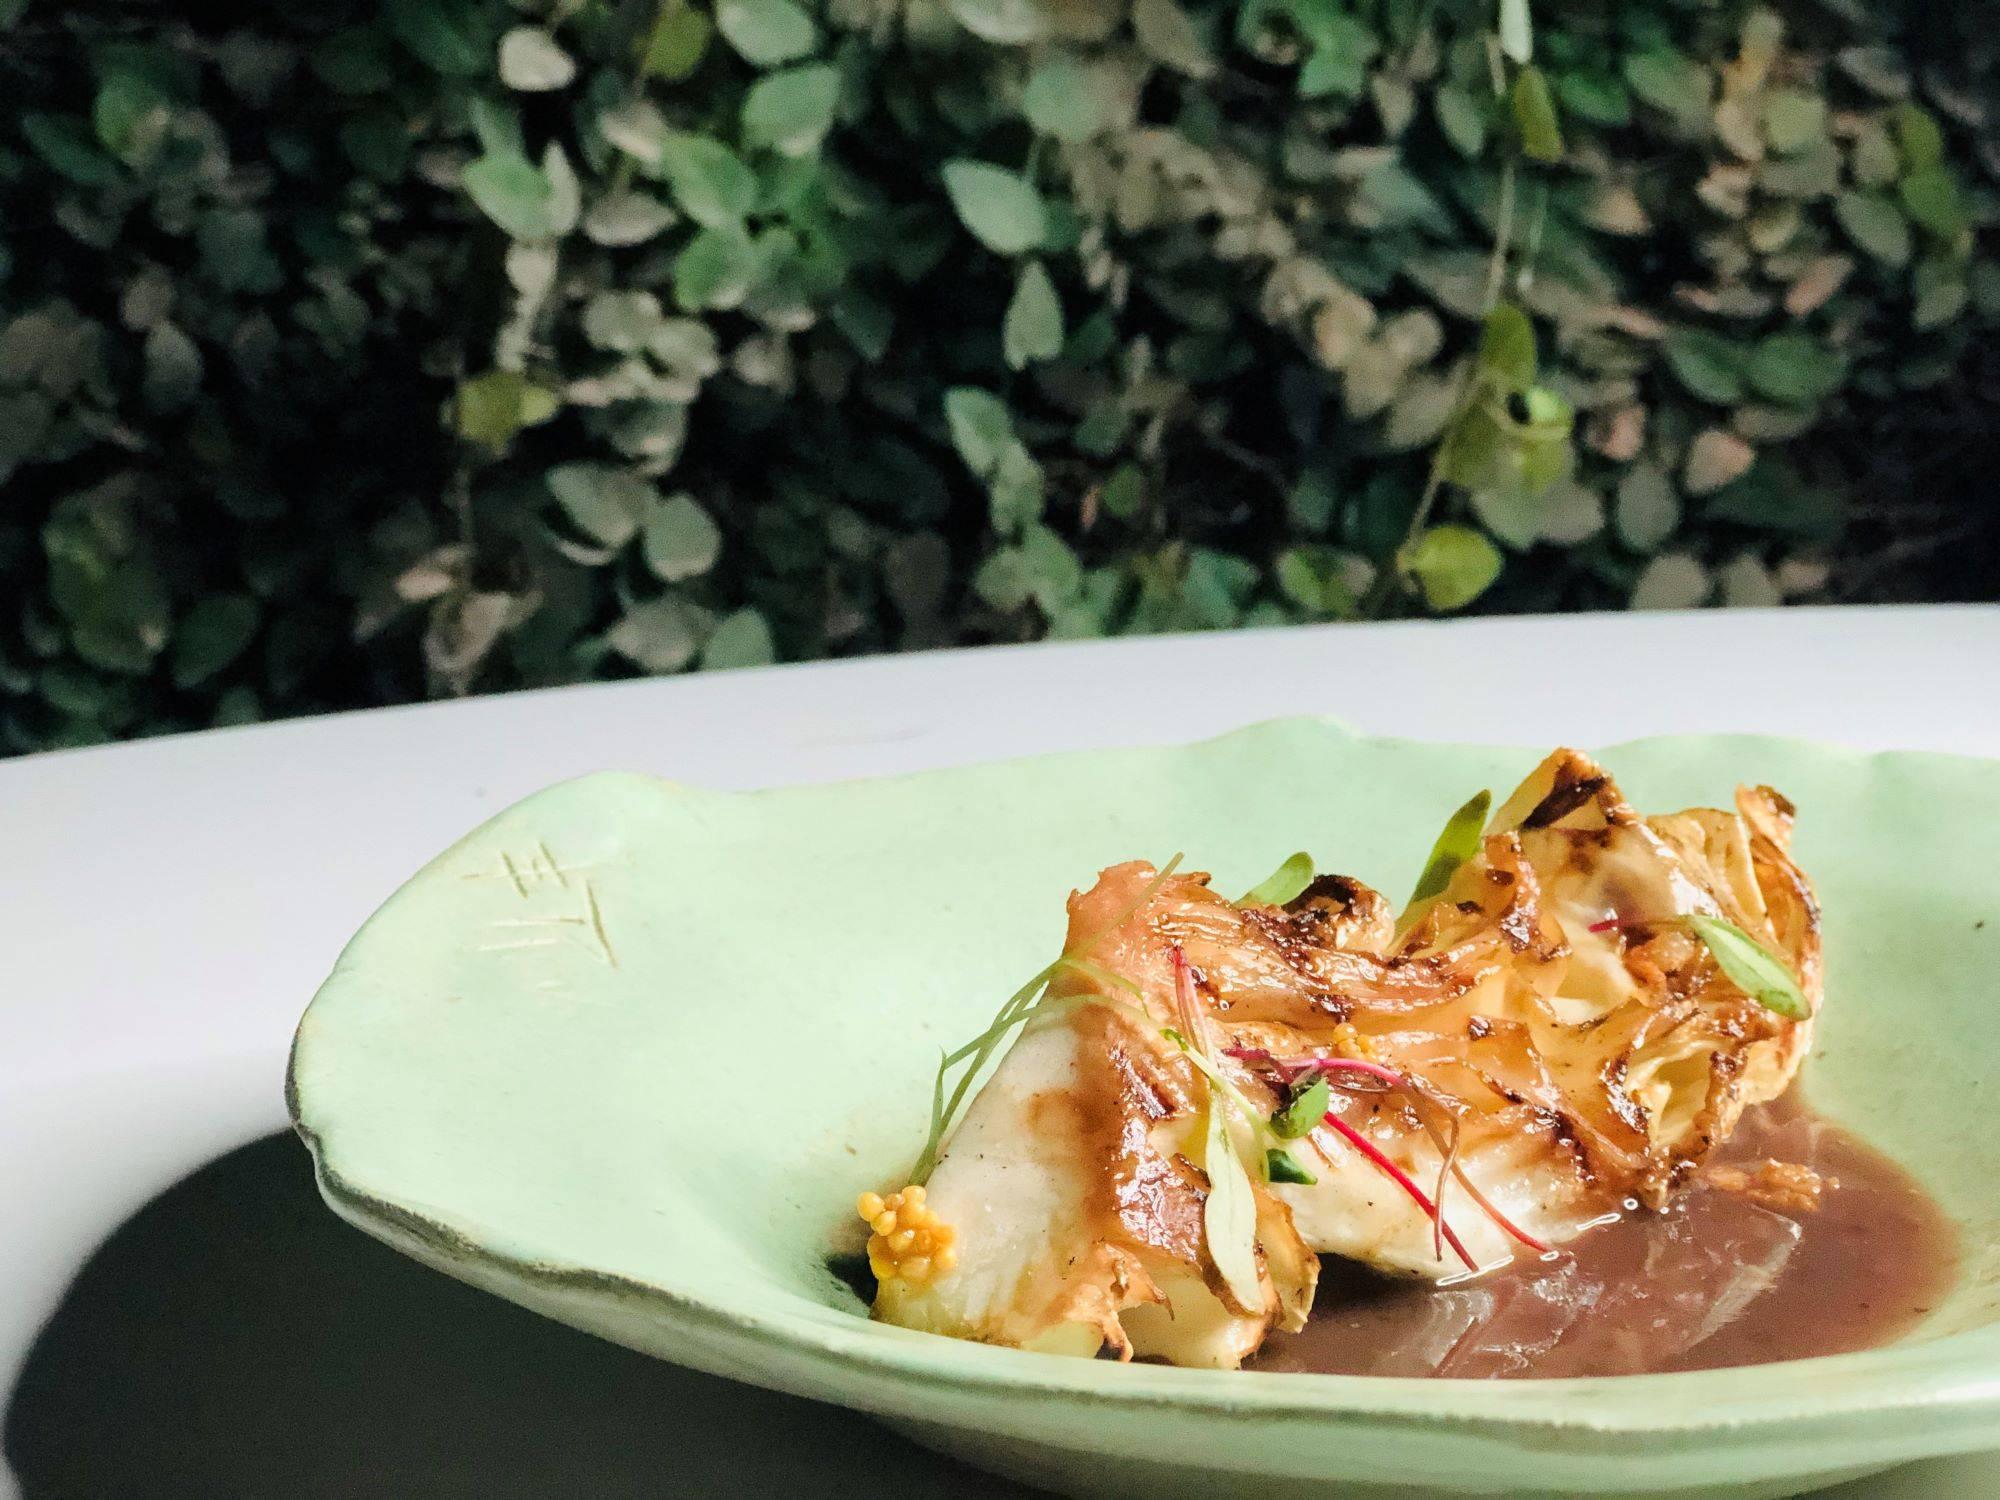 www.juicysantos.com.br - yolo repolho chef bruno justo